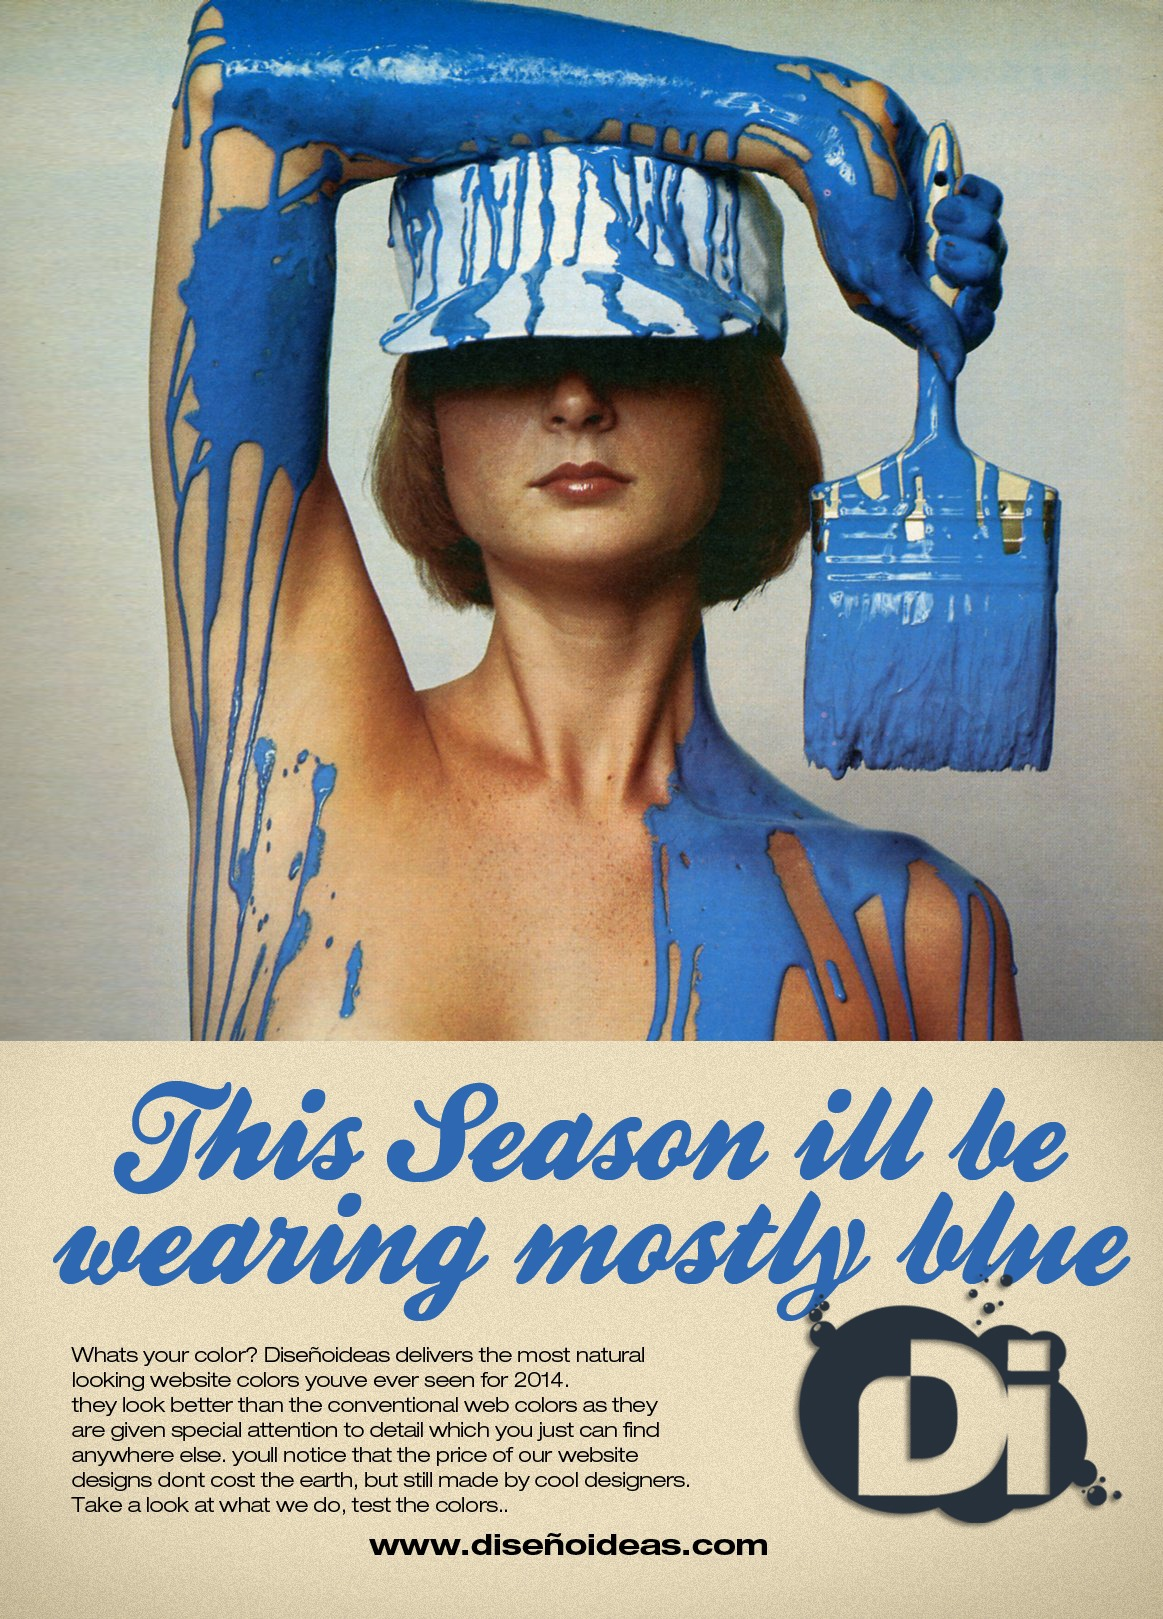 Vintage style retro advertising designs advertising designs with vintage styles disenoideas social media marketing marbella